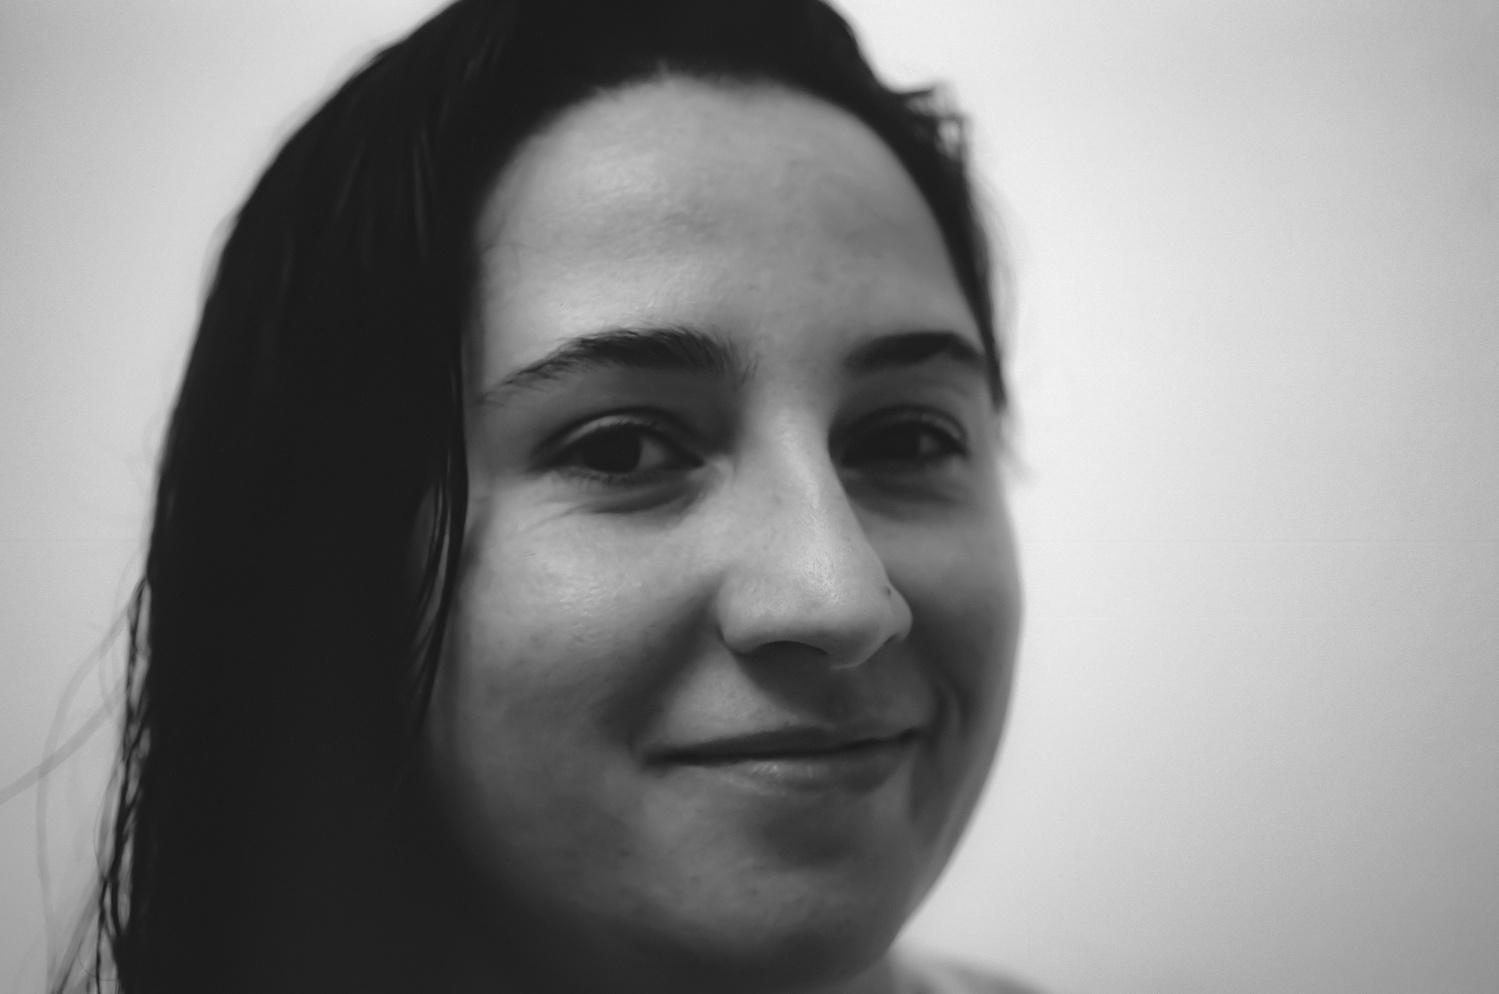 Self Portrait by Renae Schaak